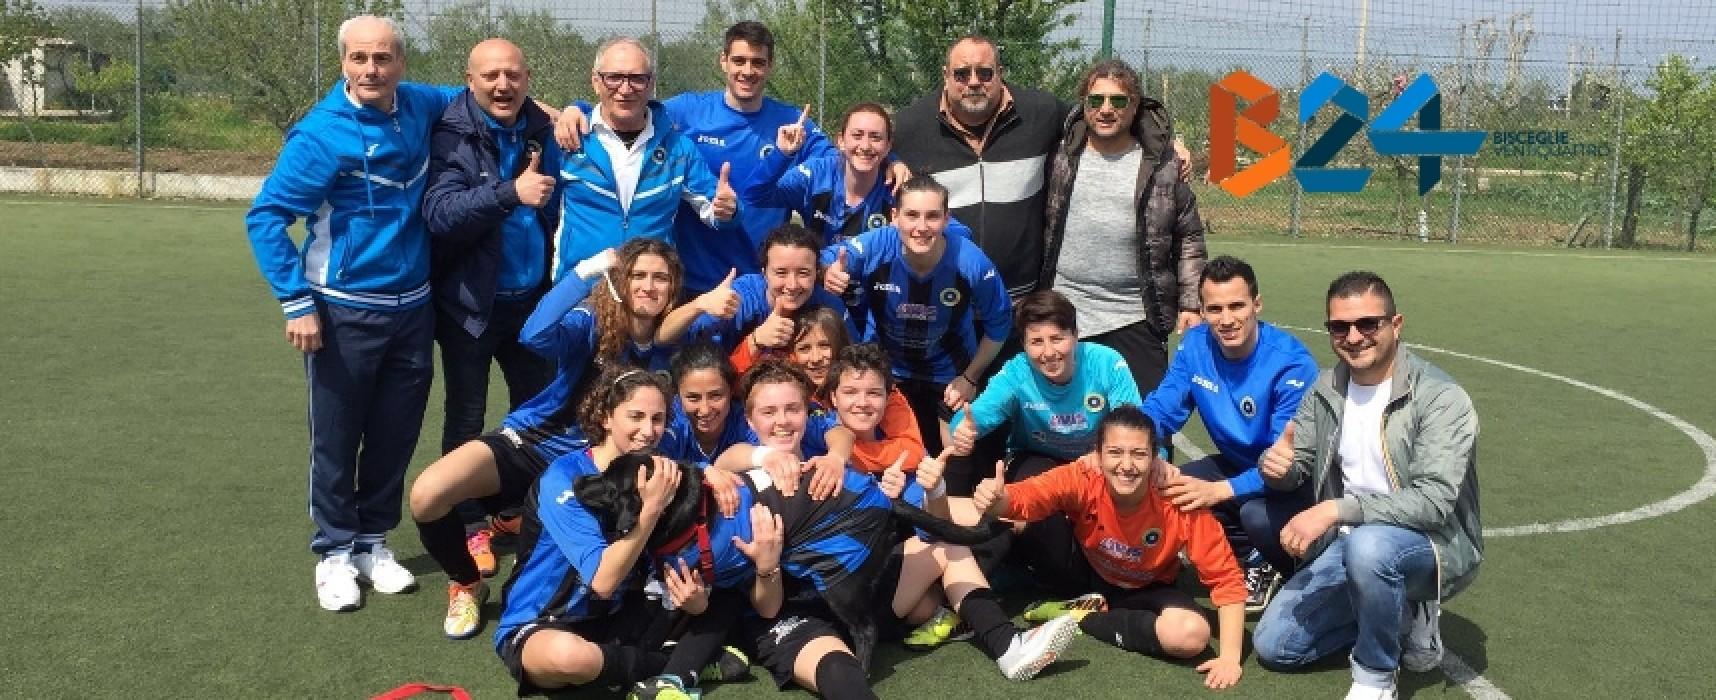 Calcio a 5: Il Futsal Bisceglie femminile vince il campionato regionale, ora testa alla Coppa Italia